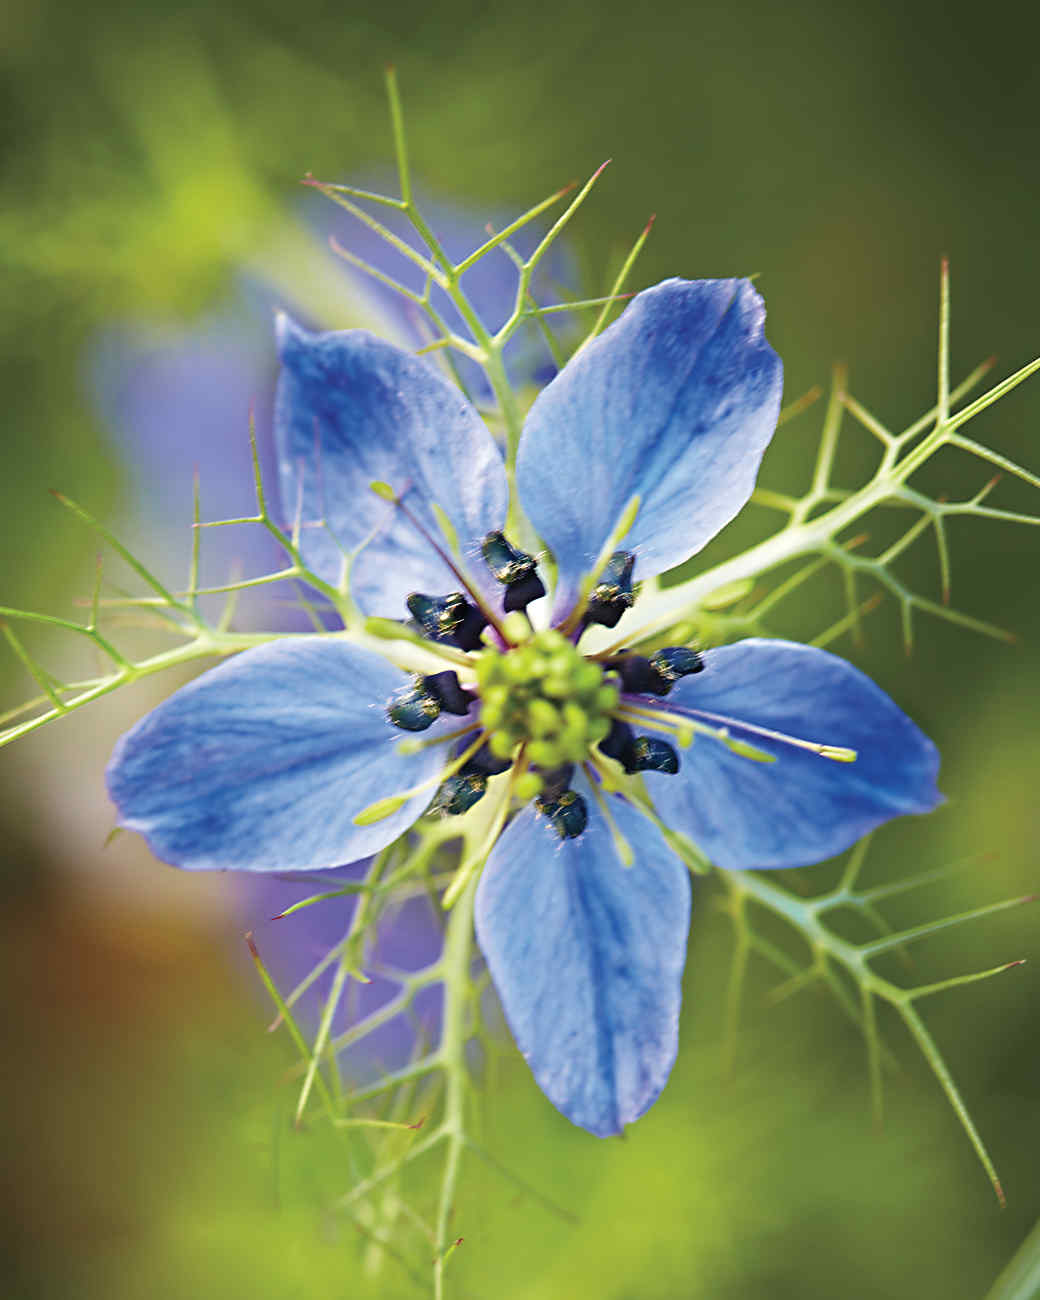 blueflower2-md110341.jpg